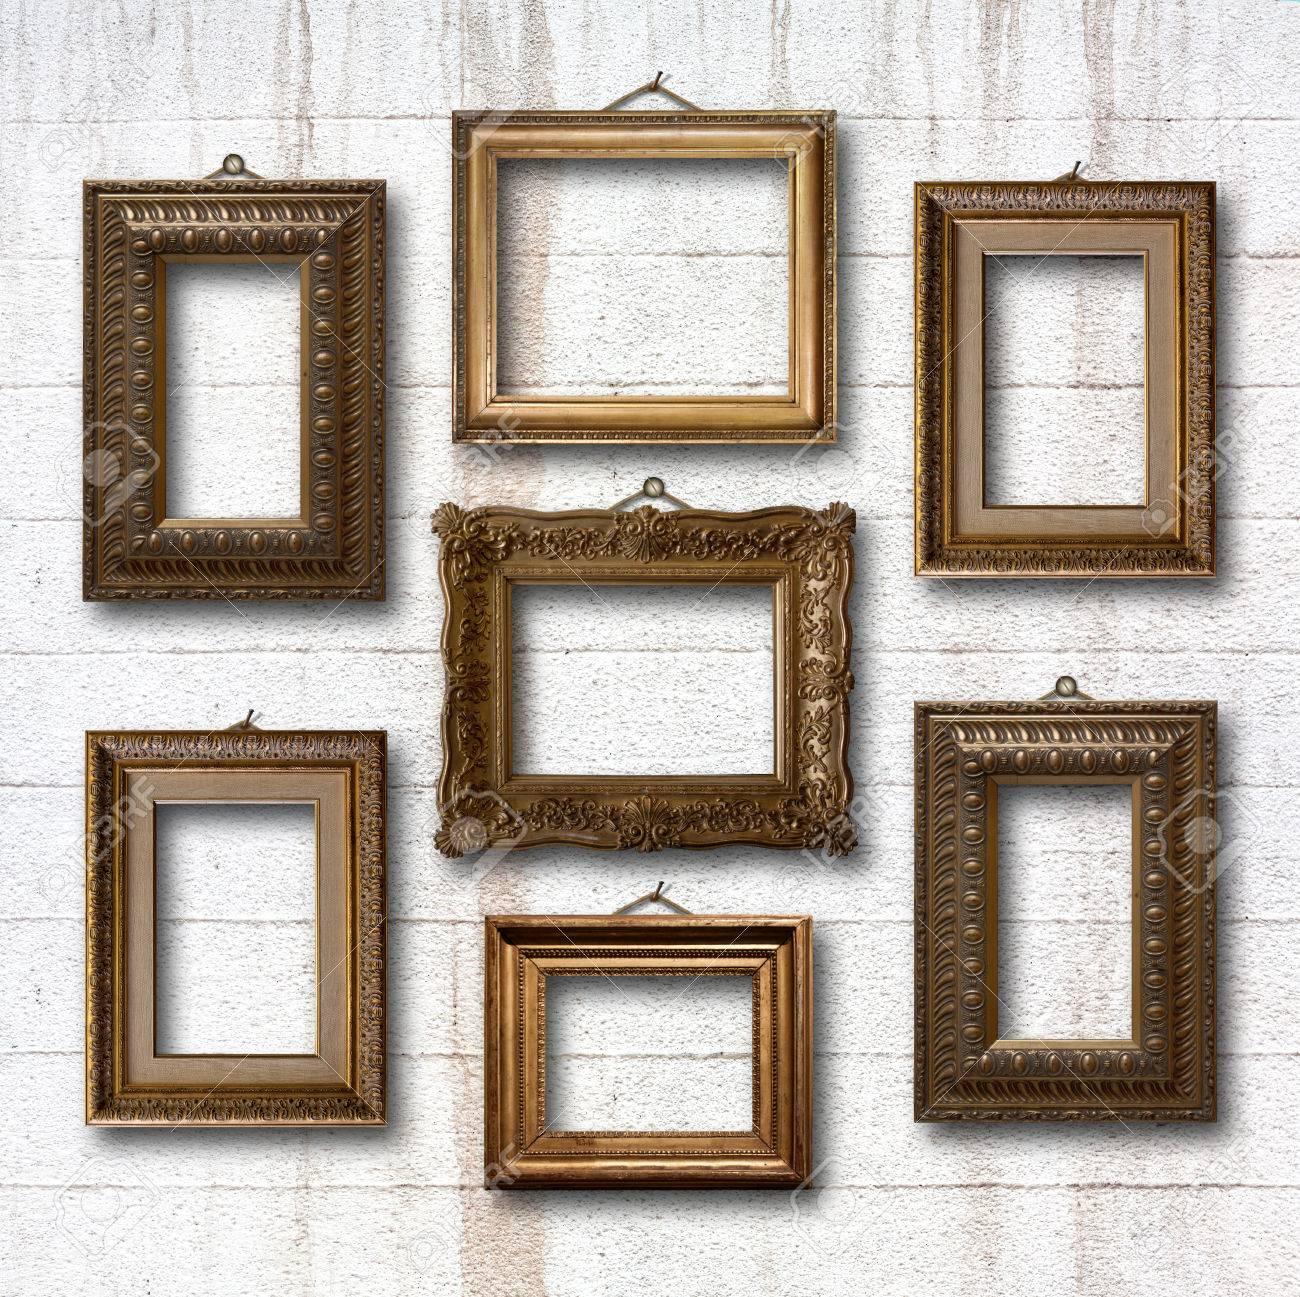 marcos de madera para cuadros dorados en la vieja pared de piedra foto de archivo